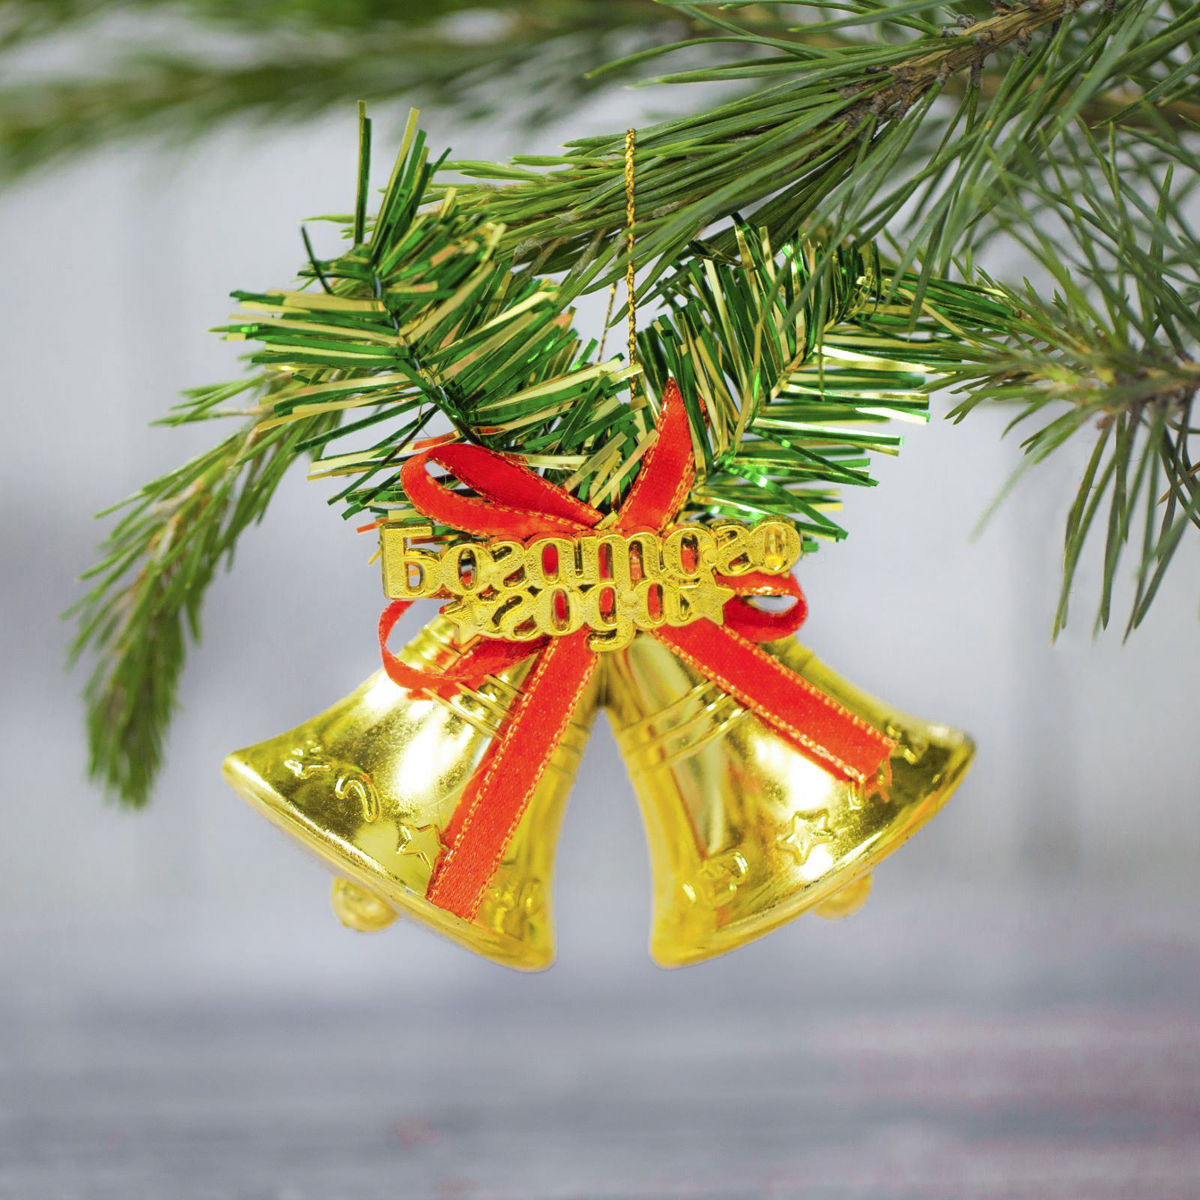 Украшение новогоднее подвесное Sima-land Колокольчик. Богатого года, 9 см х 6 см2306756Новогодние украшения Sima-land изготовлены из пластика. Изделия имеют плотный корпус, поэтому не разобьются при падении.Невозможно представить нашу жизнь без праздников! Новогодние украшения несут в себе волшебство и красоту праздника. Создайте в своем доме атмосферу тепла, веселья и радости, украшая его всей семьей.